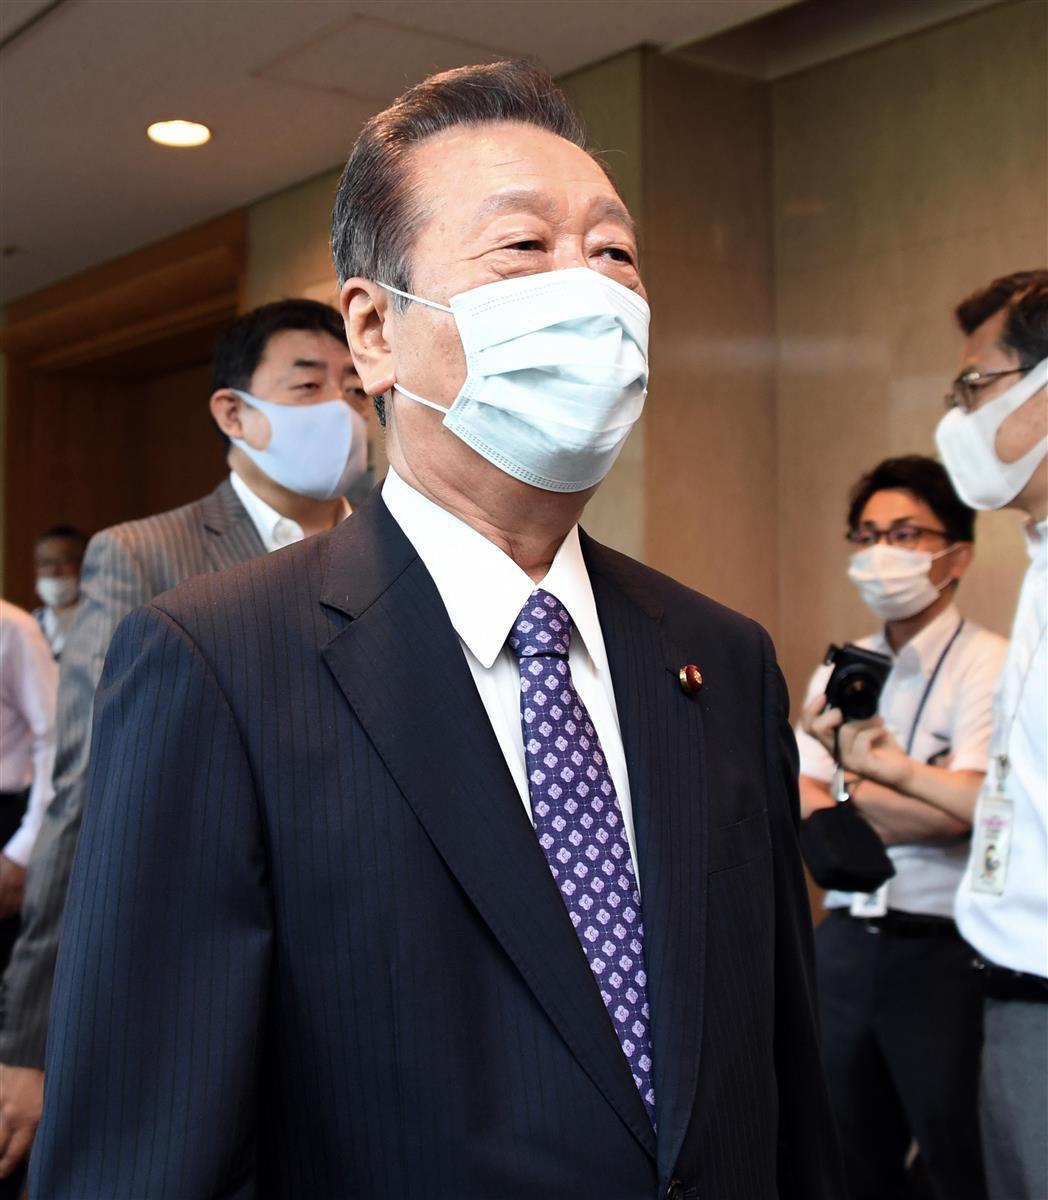 国民民主党の両院議員総会を前に、姿を見せた小沢一郎衆院議員=19日午後、東京・平河町の都市センターホテル(酒巻俊介撮影)